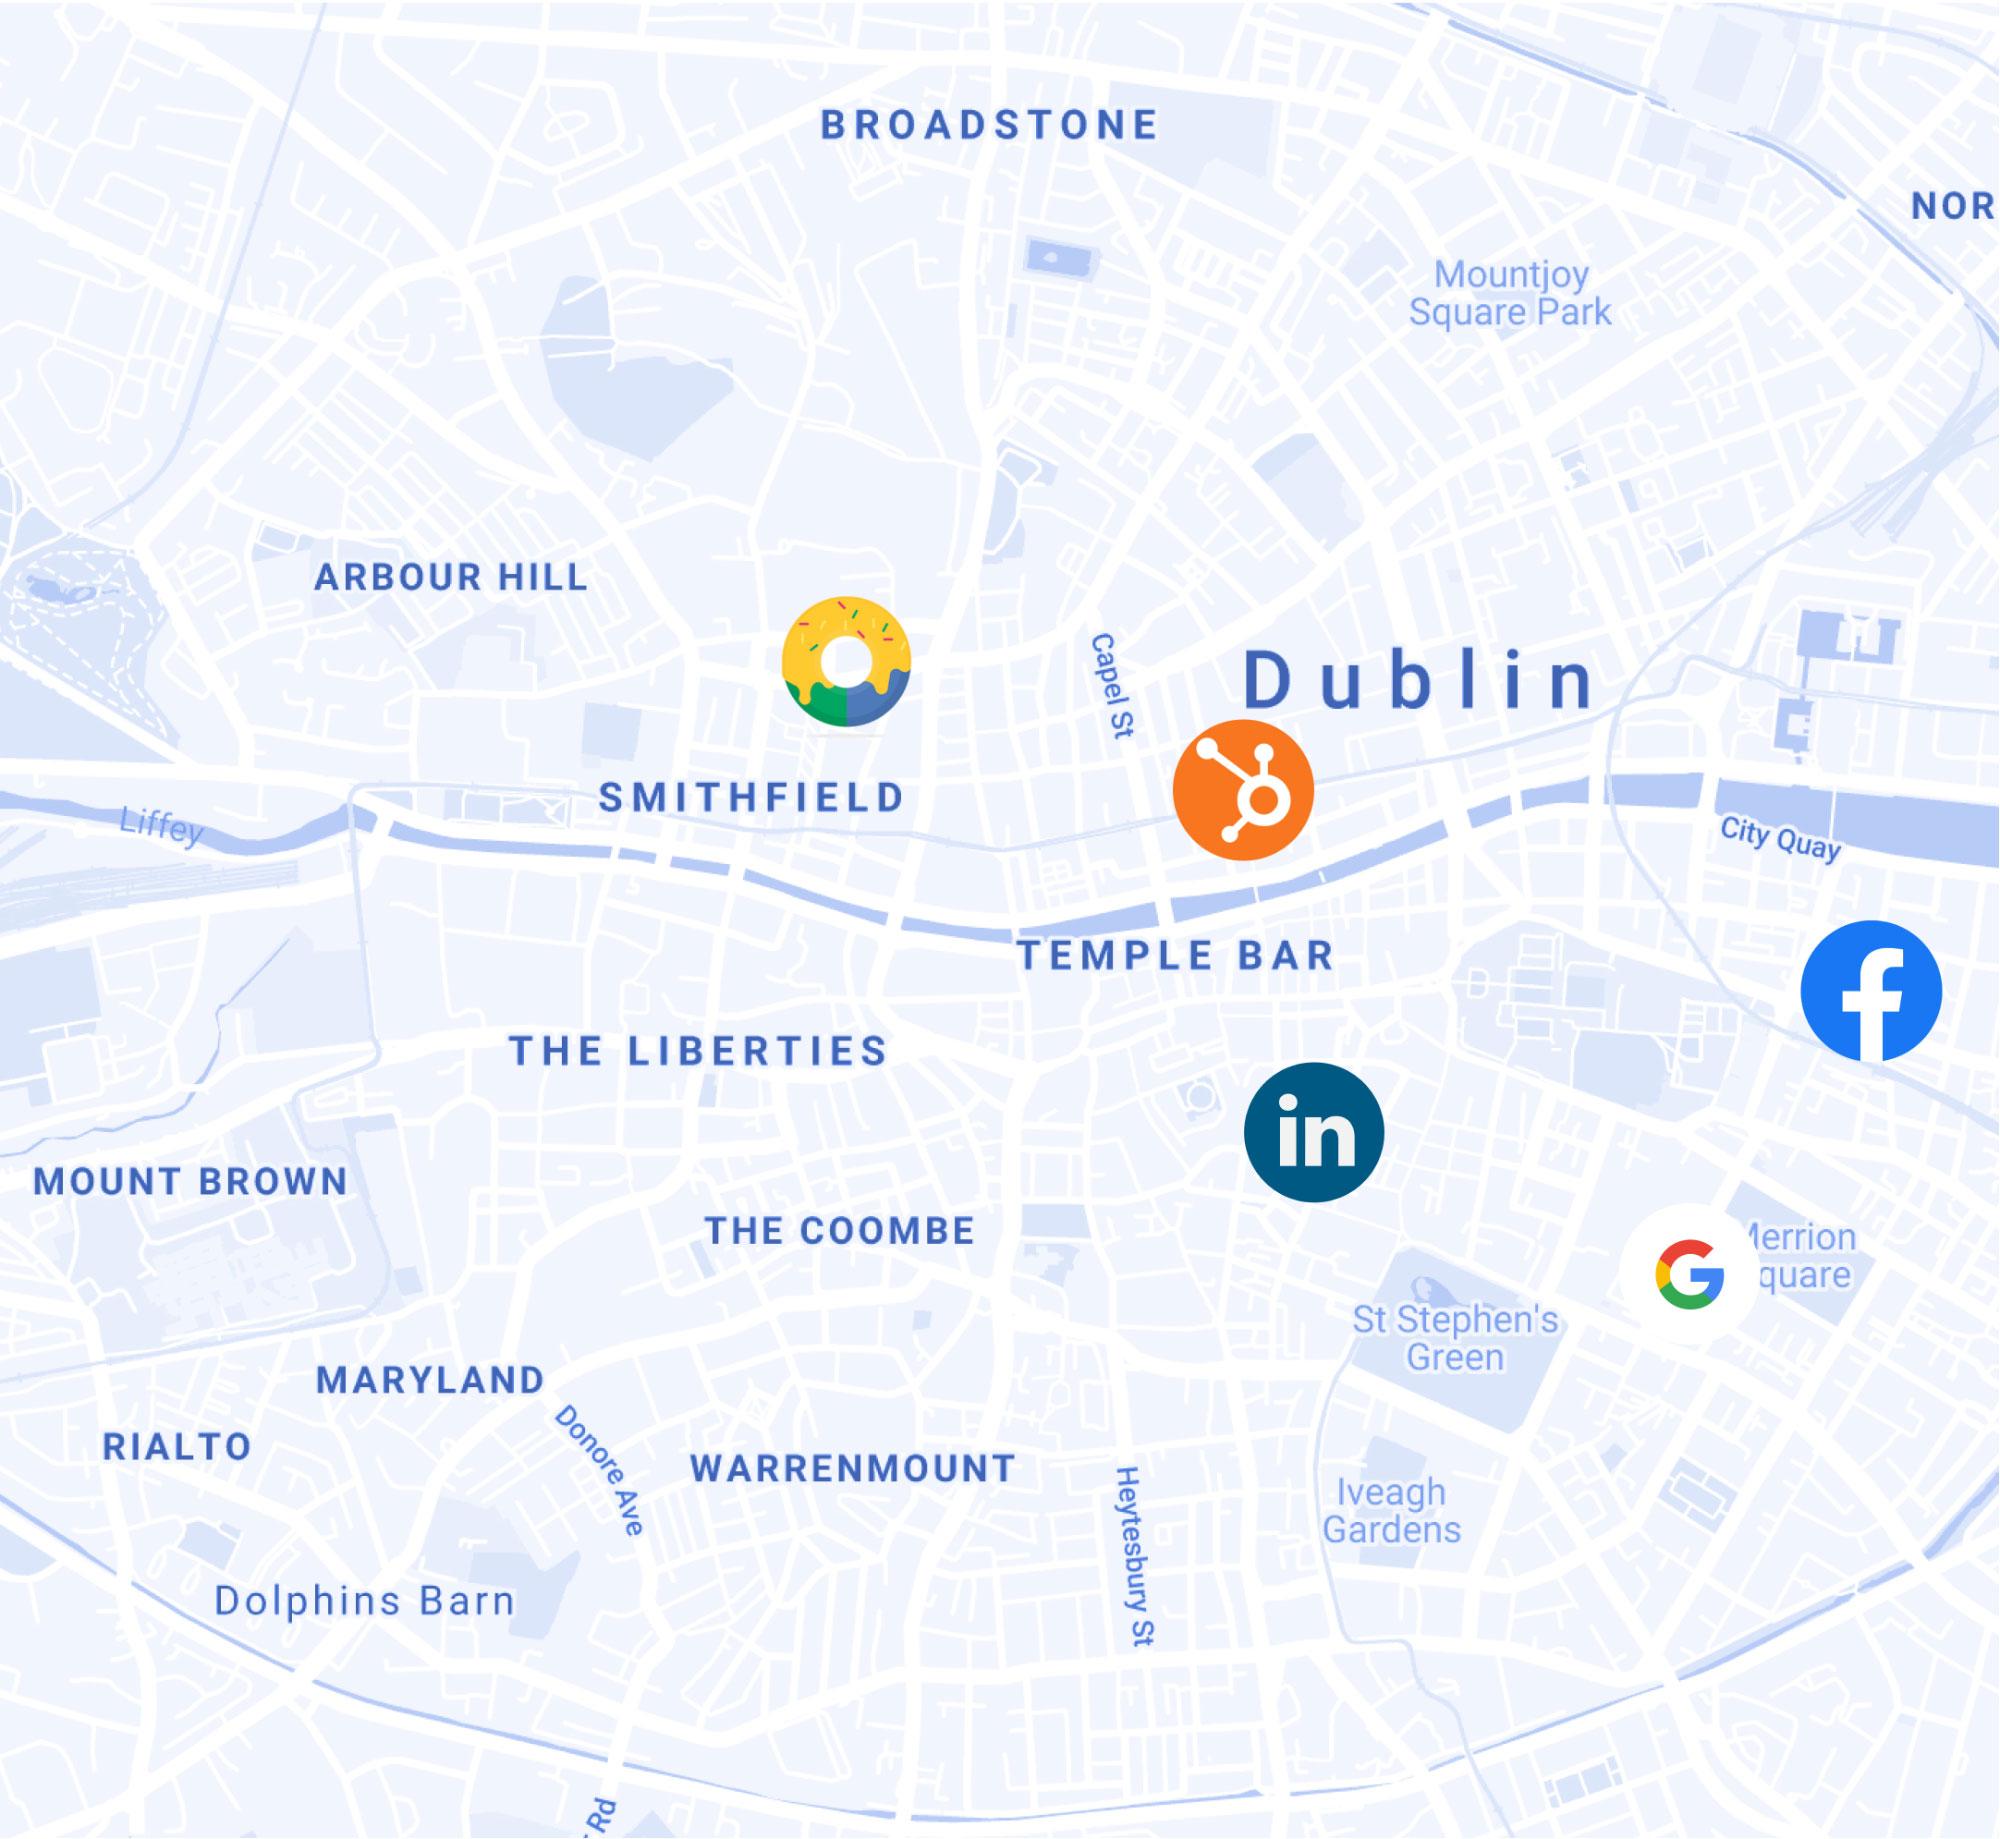 dgitags.io | Dublin